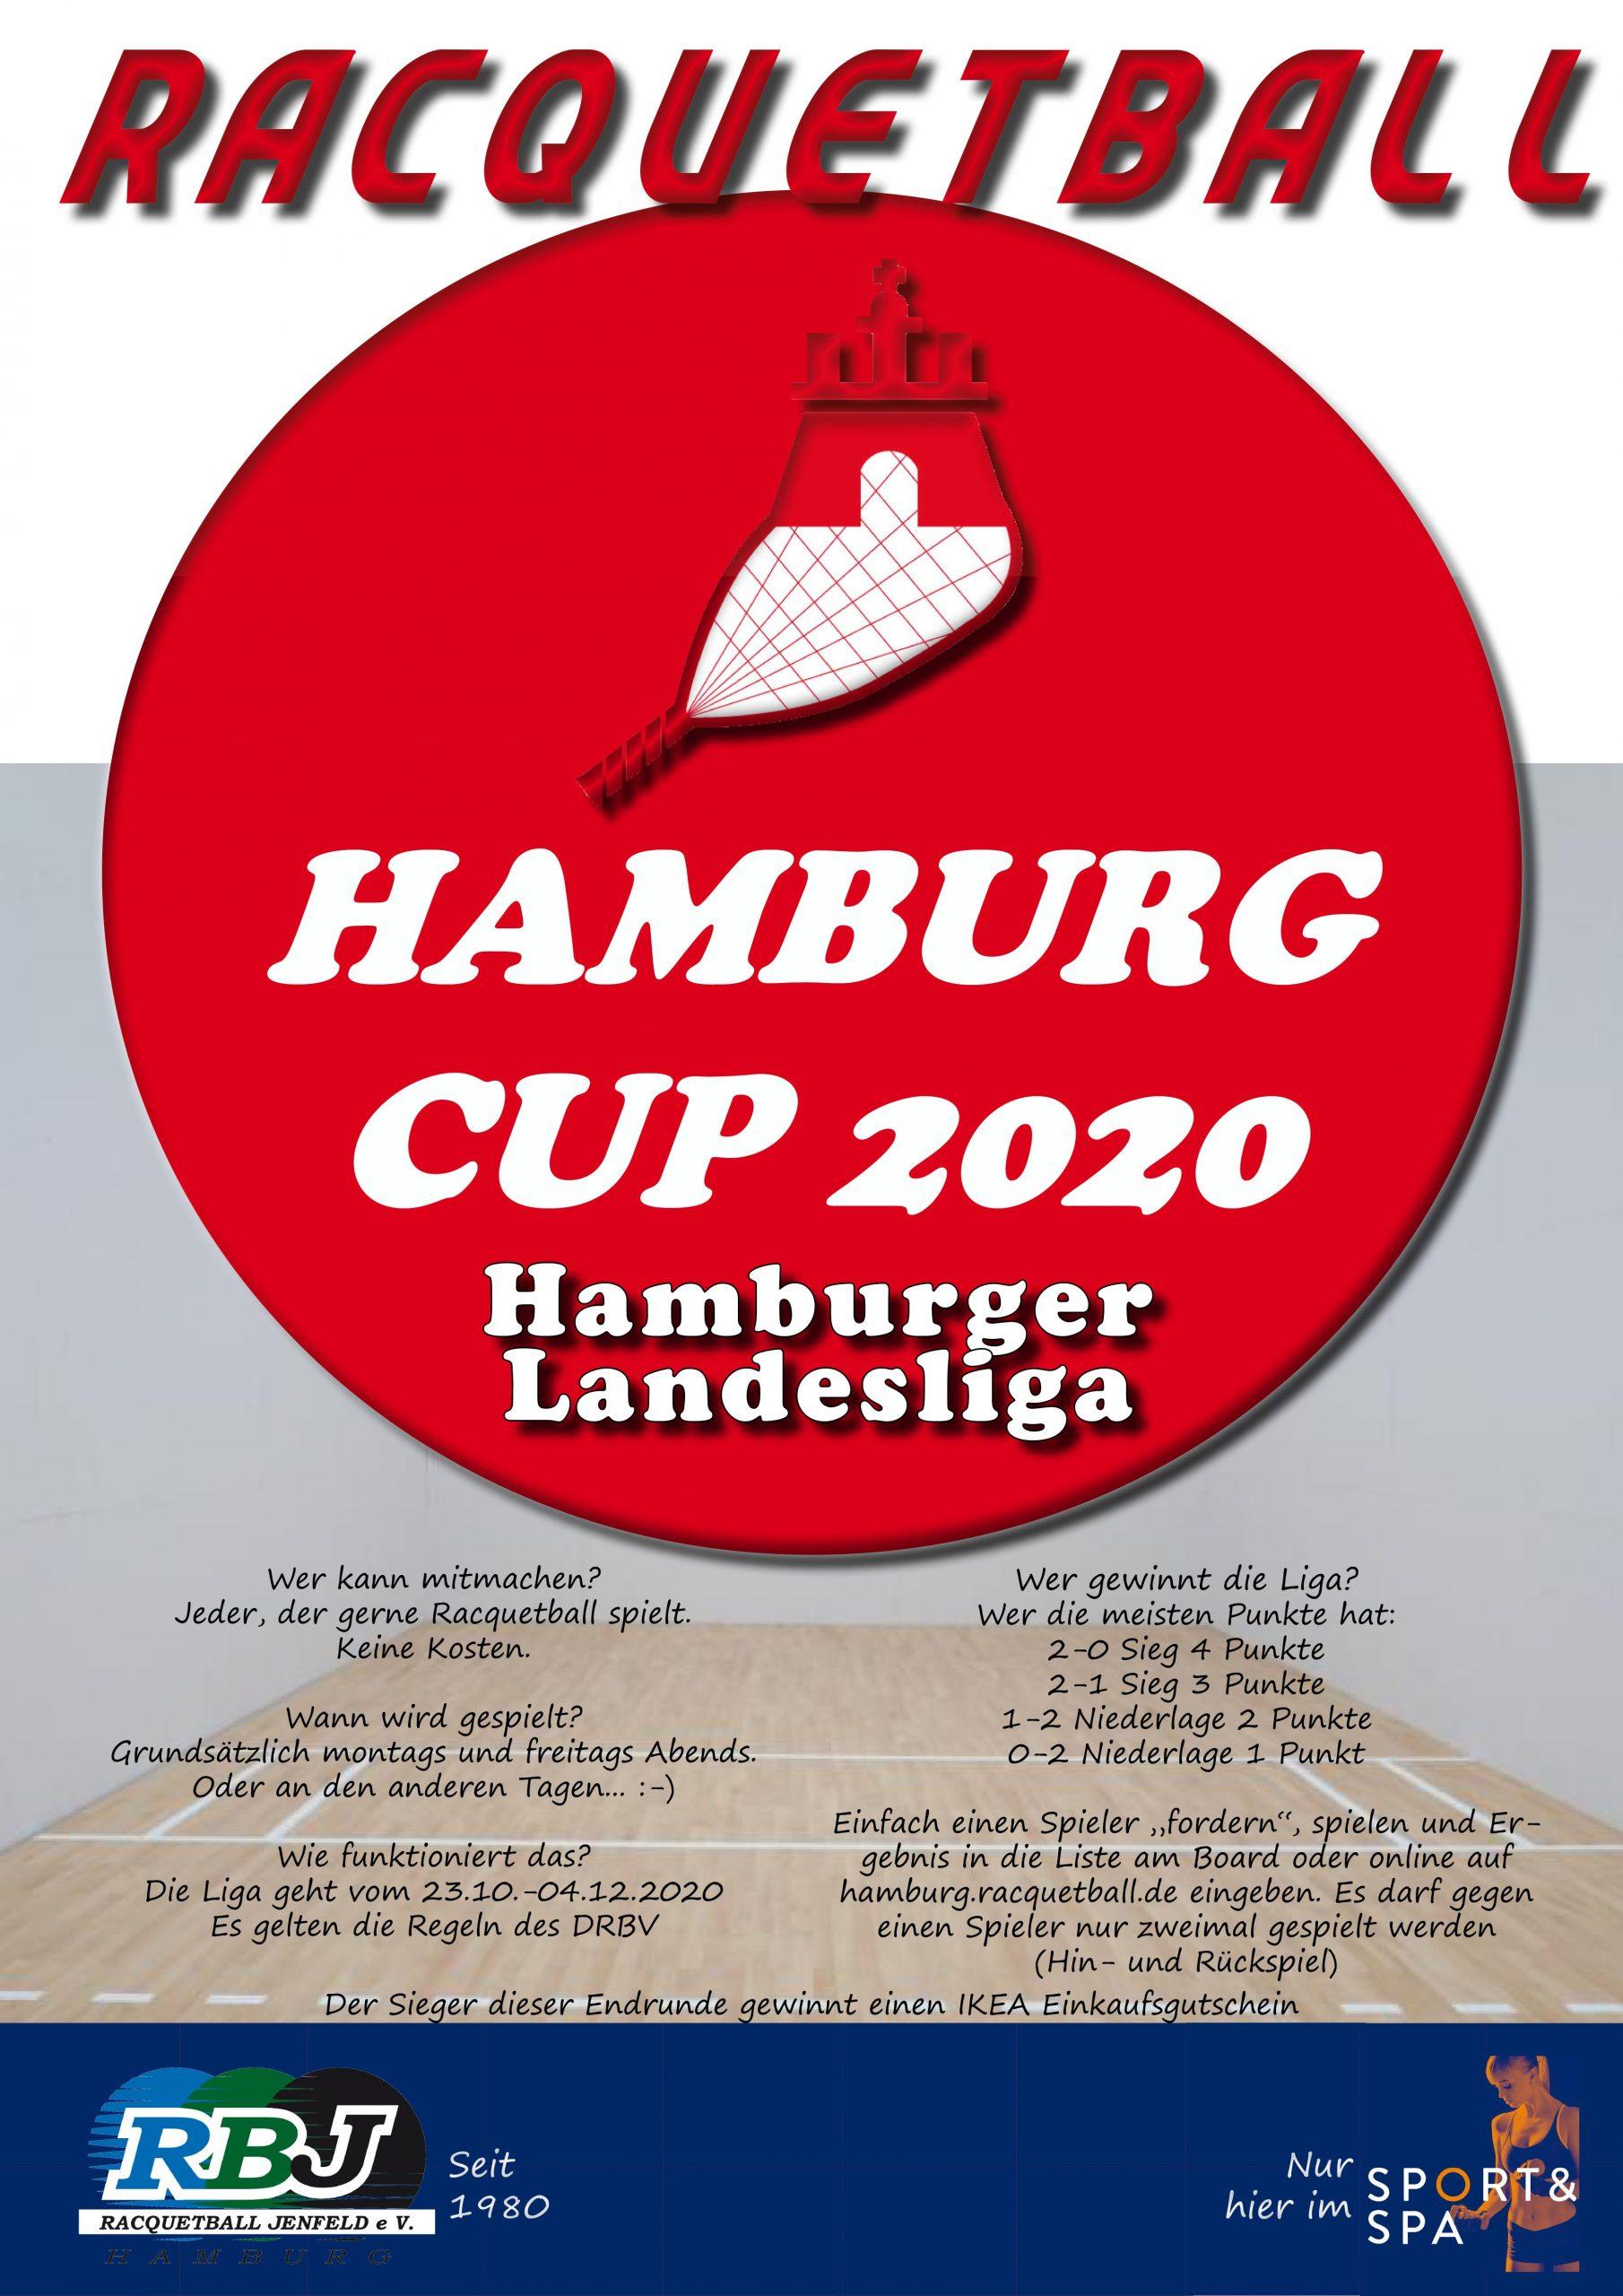 Hamburger Landesliga startet am 23.10.2020